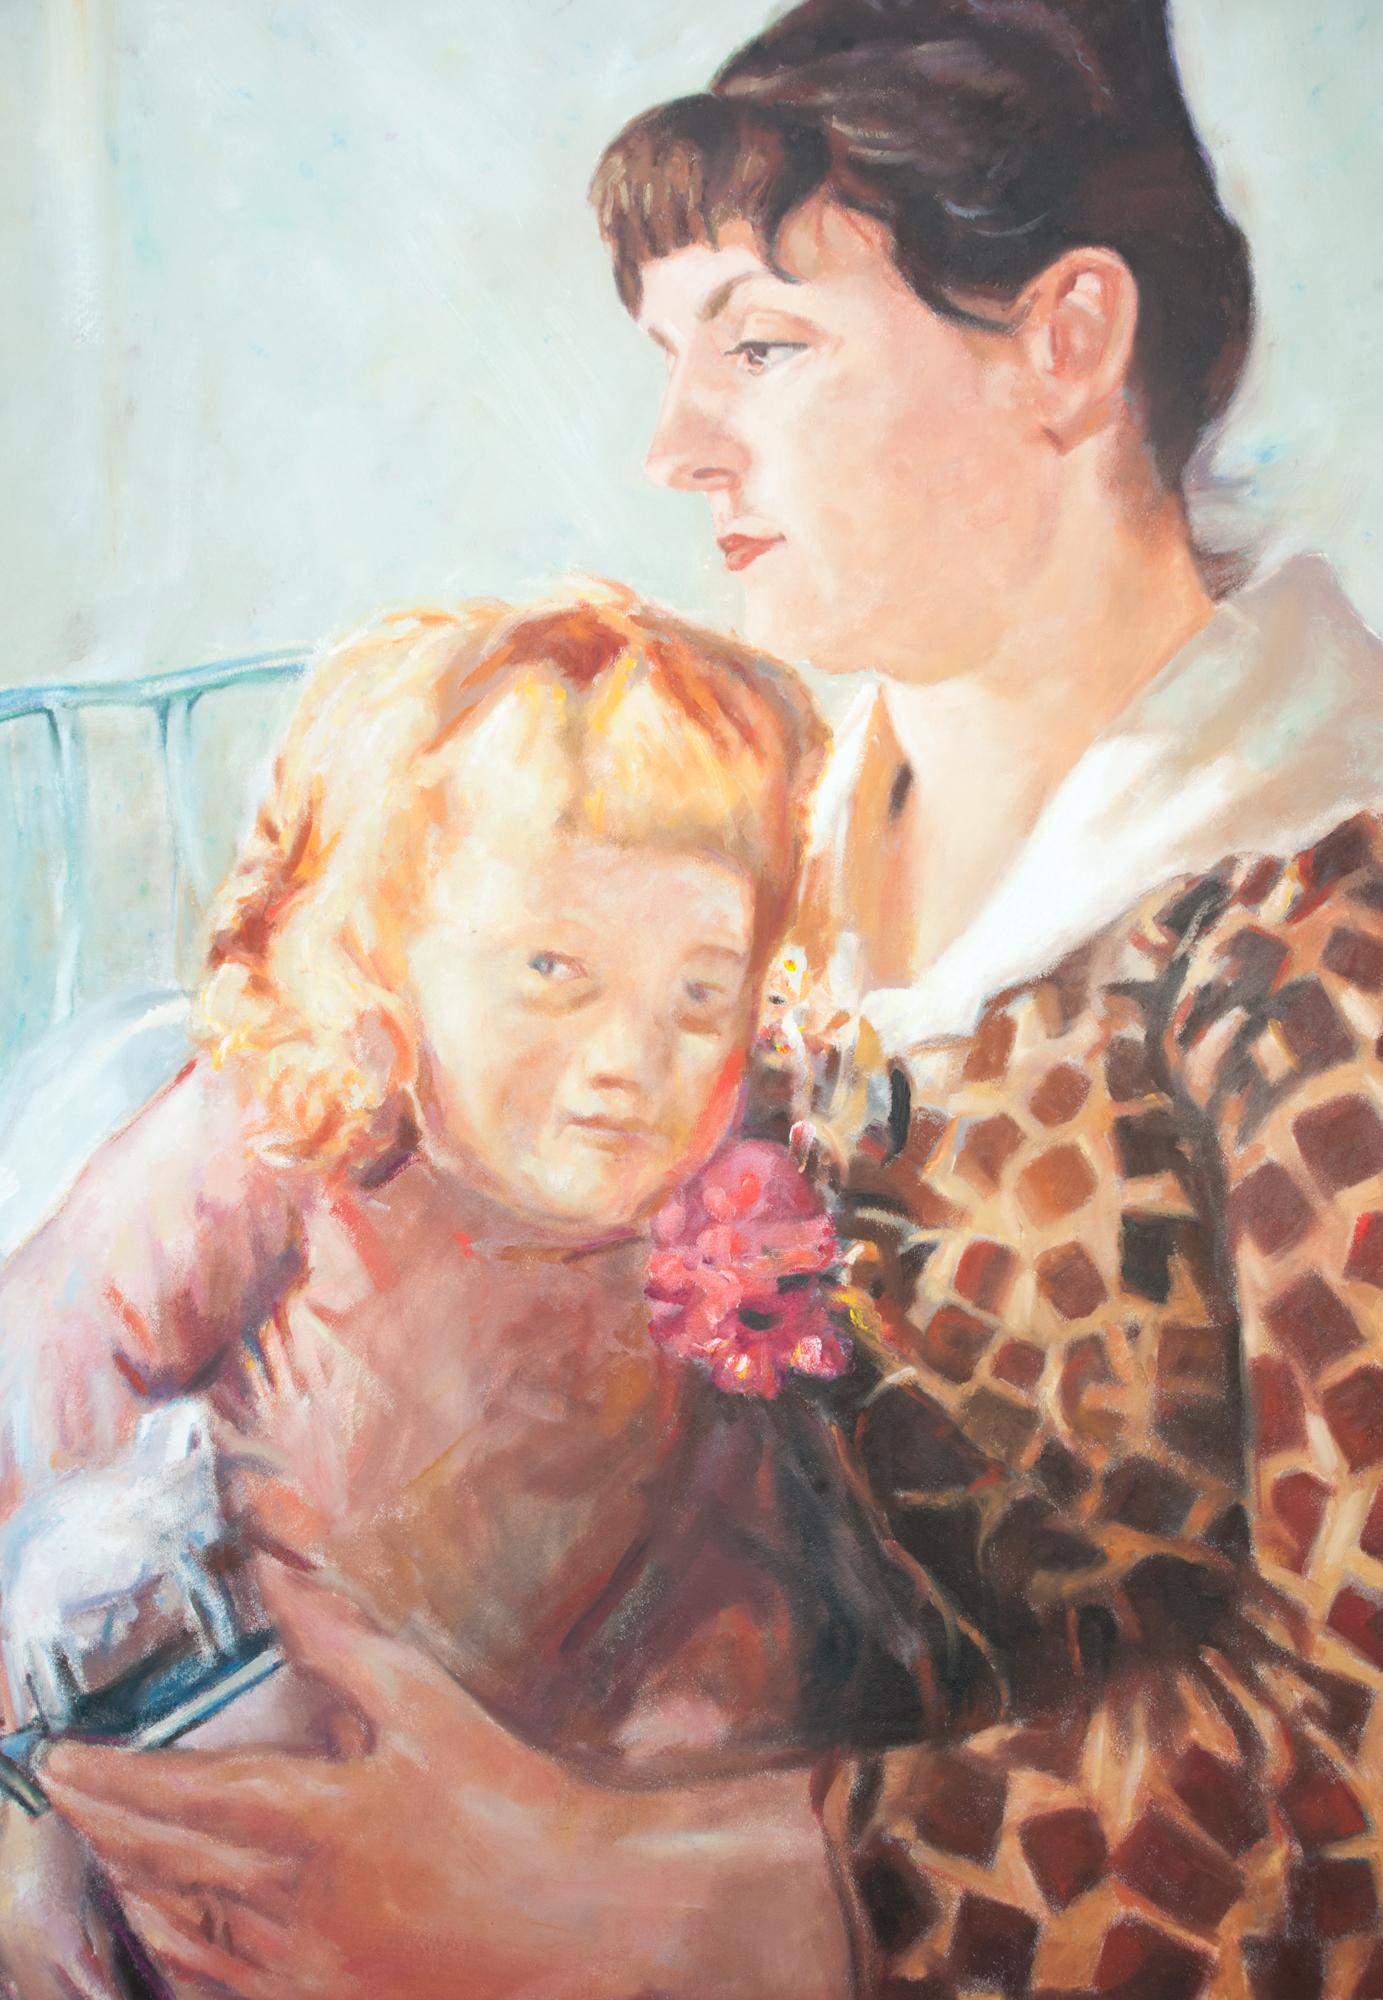 Reproduktion av Claes-Åke Schlönzig - Ernst Josephsson - Mor och barn - Klicka för att byta till perspektivbild.